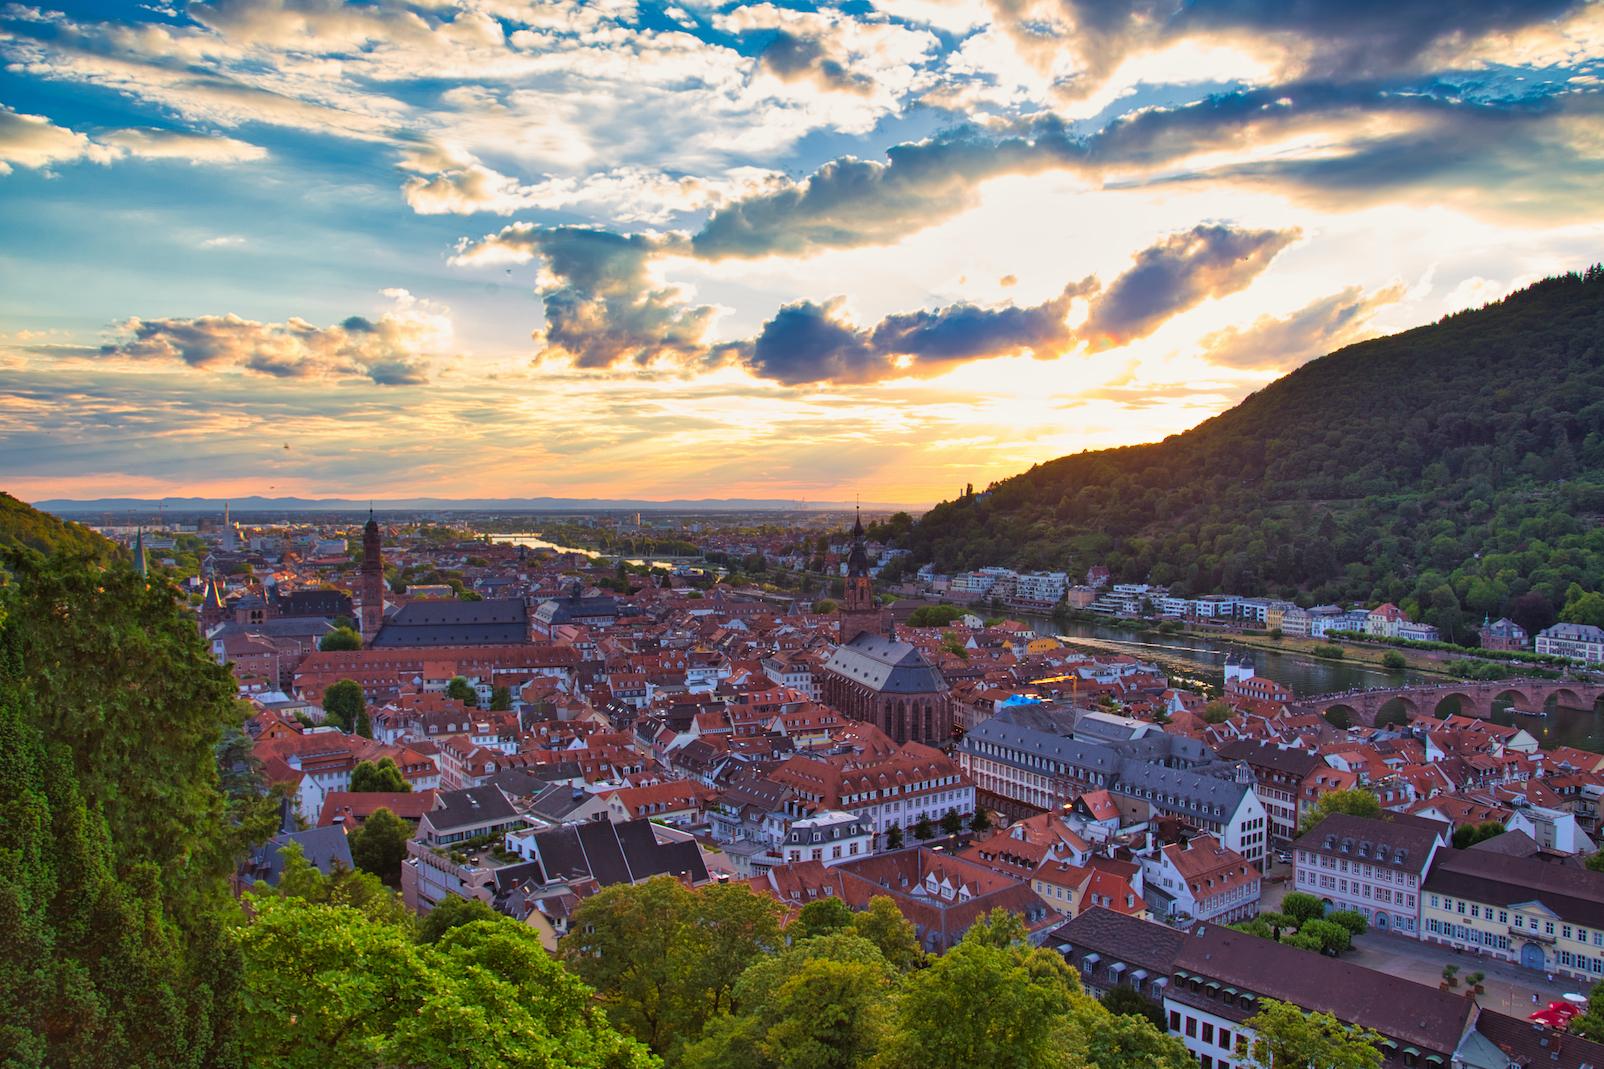 Sonnenuntergang in Heidelberg / Schloss Heidelberg bester Fotospot justmarius